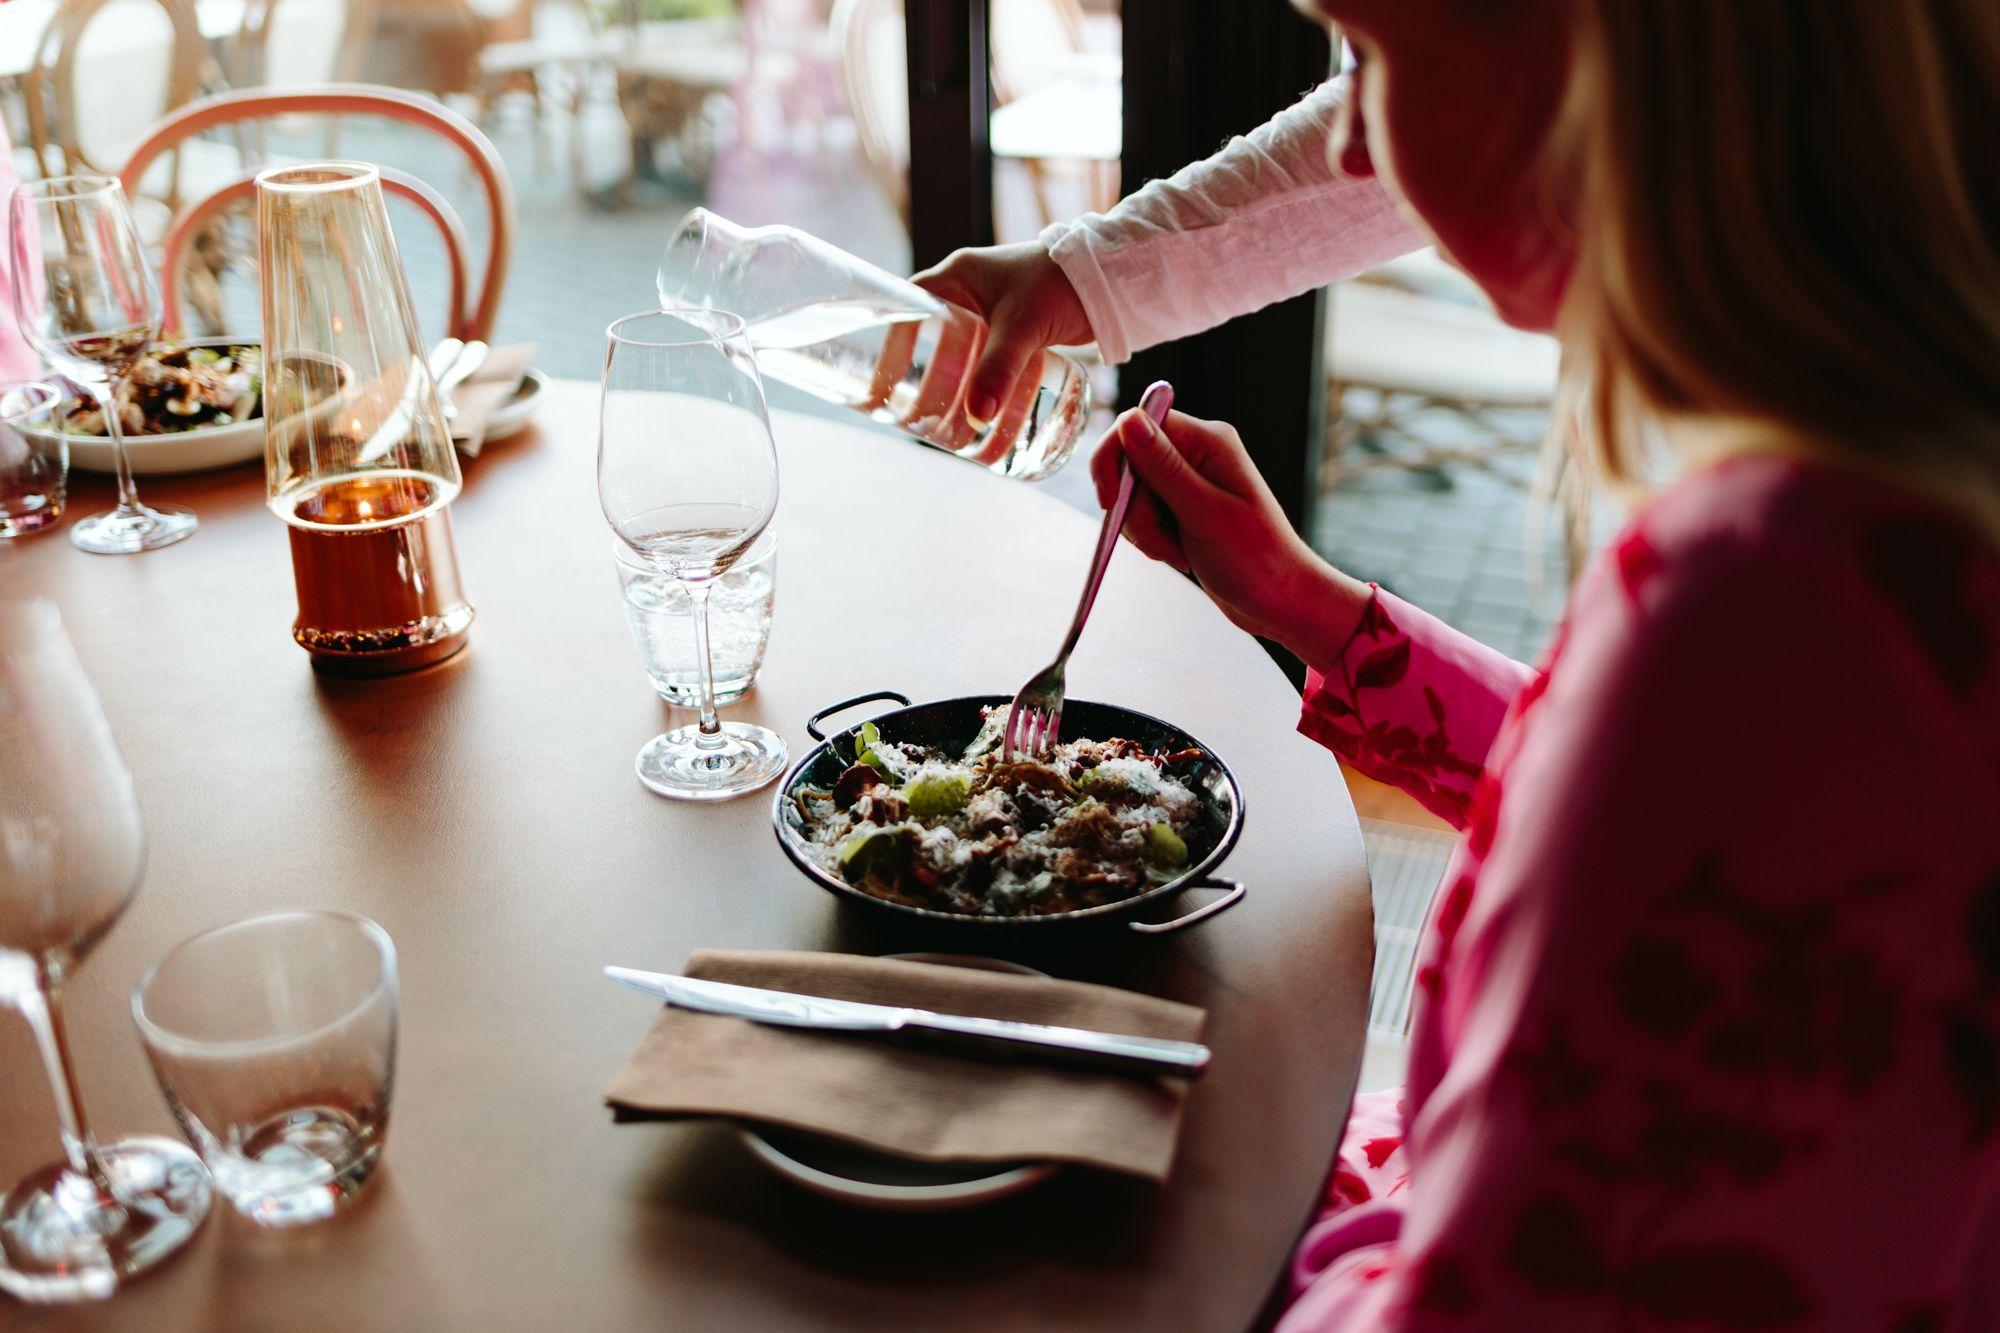 Lunsj, høst og ny meny hos Brasserie Rivoli